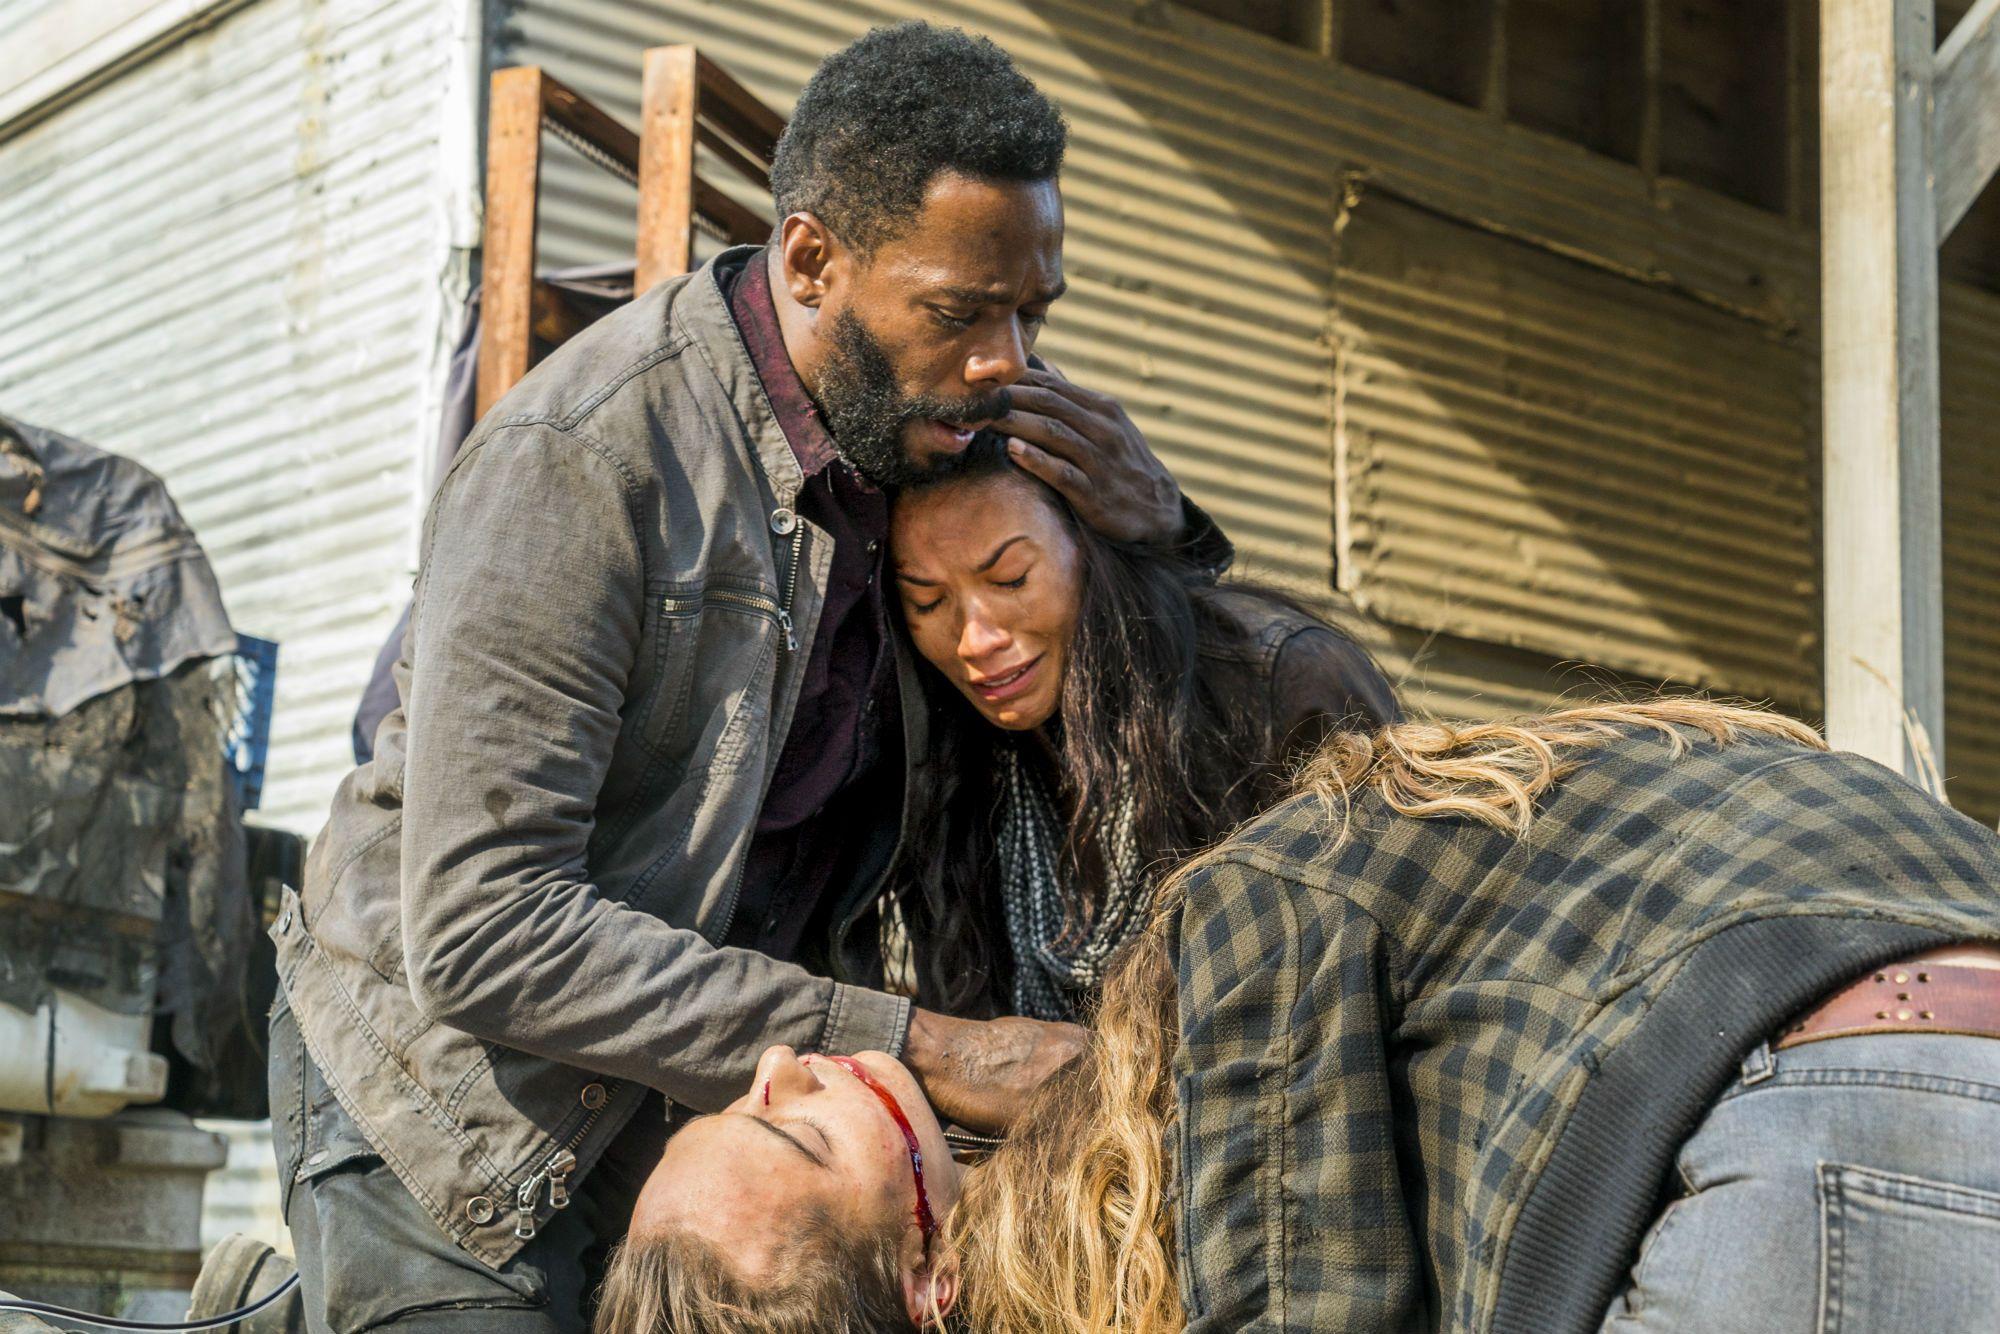 Fear the Walking Dead lawsuit settled by AMC ahead of season 5 airing